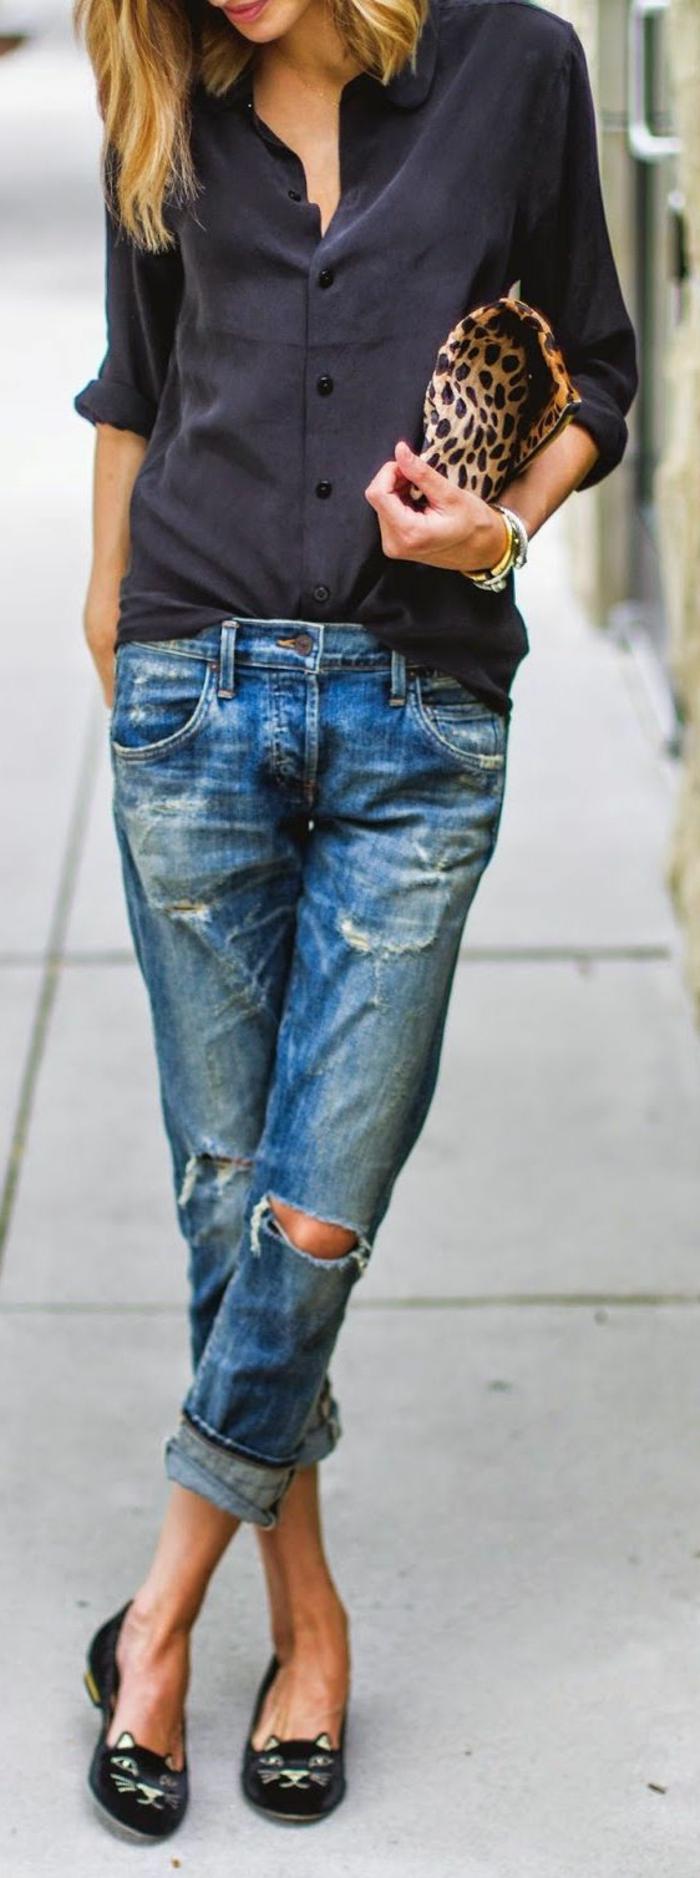 abbigliamento-business-casual-donna-jeans-strappi-ballerine-chic-camicia-oversize-accessorio-borsetta-print-leopardo